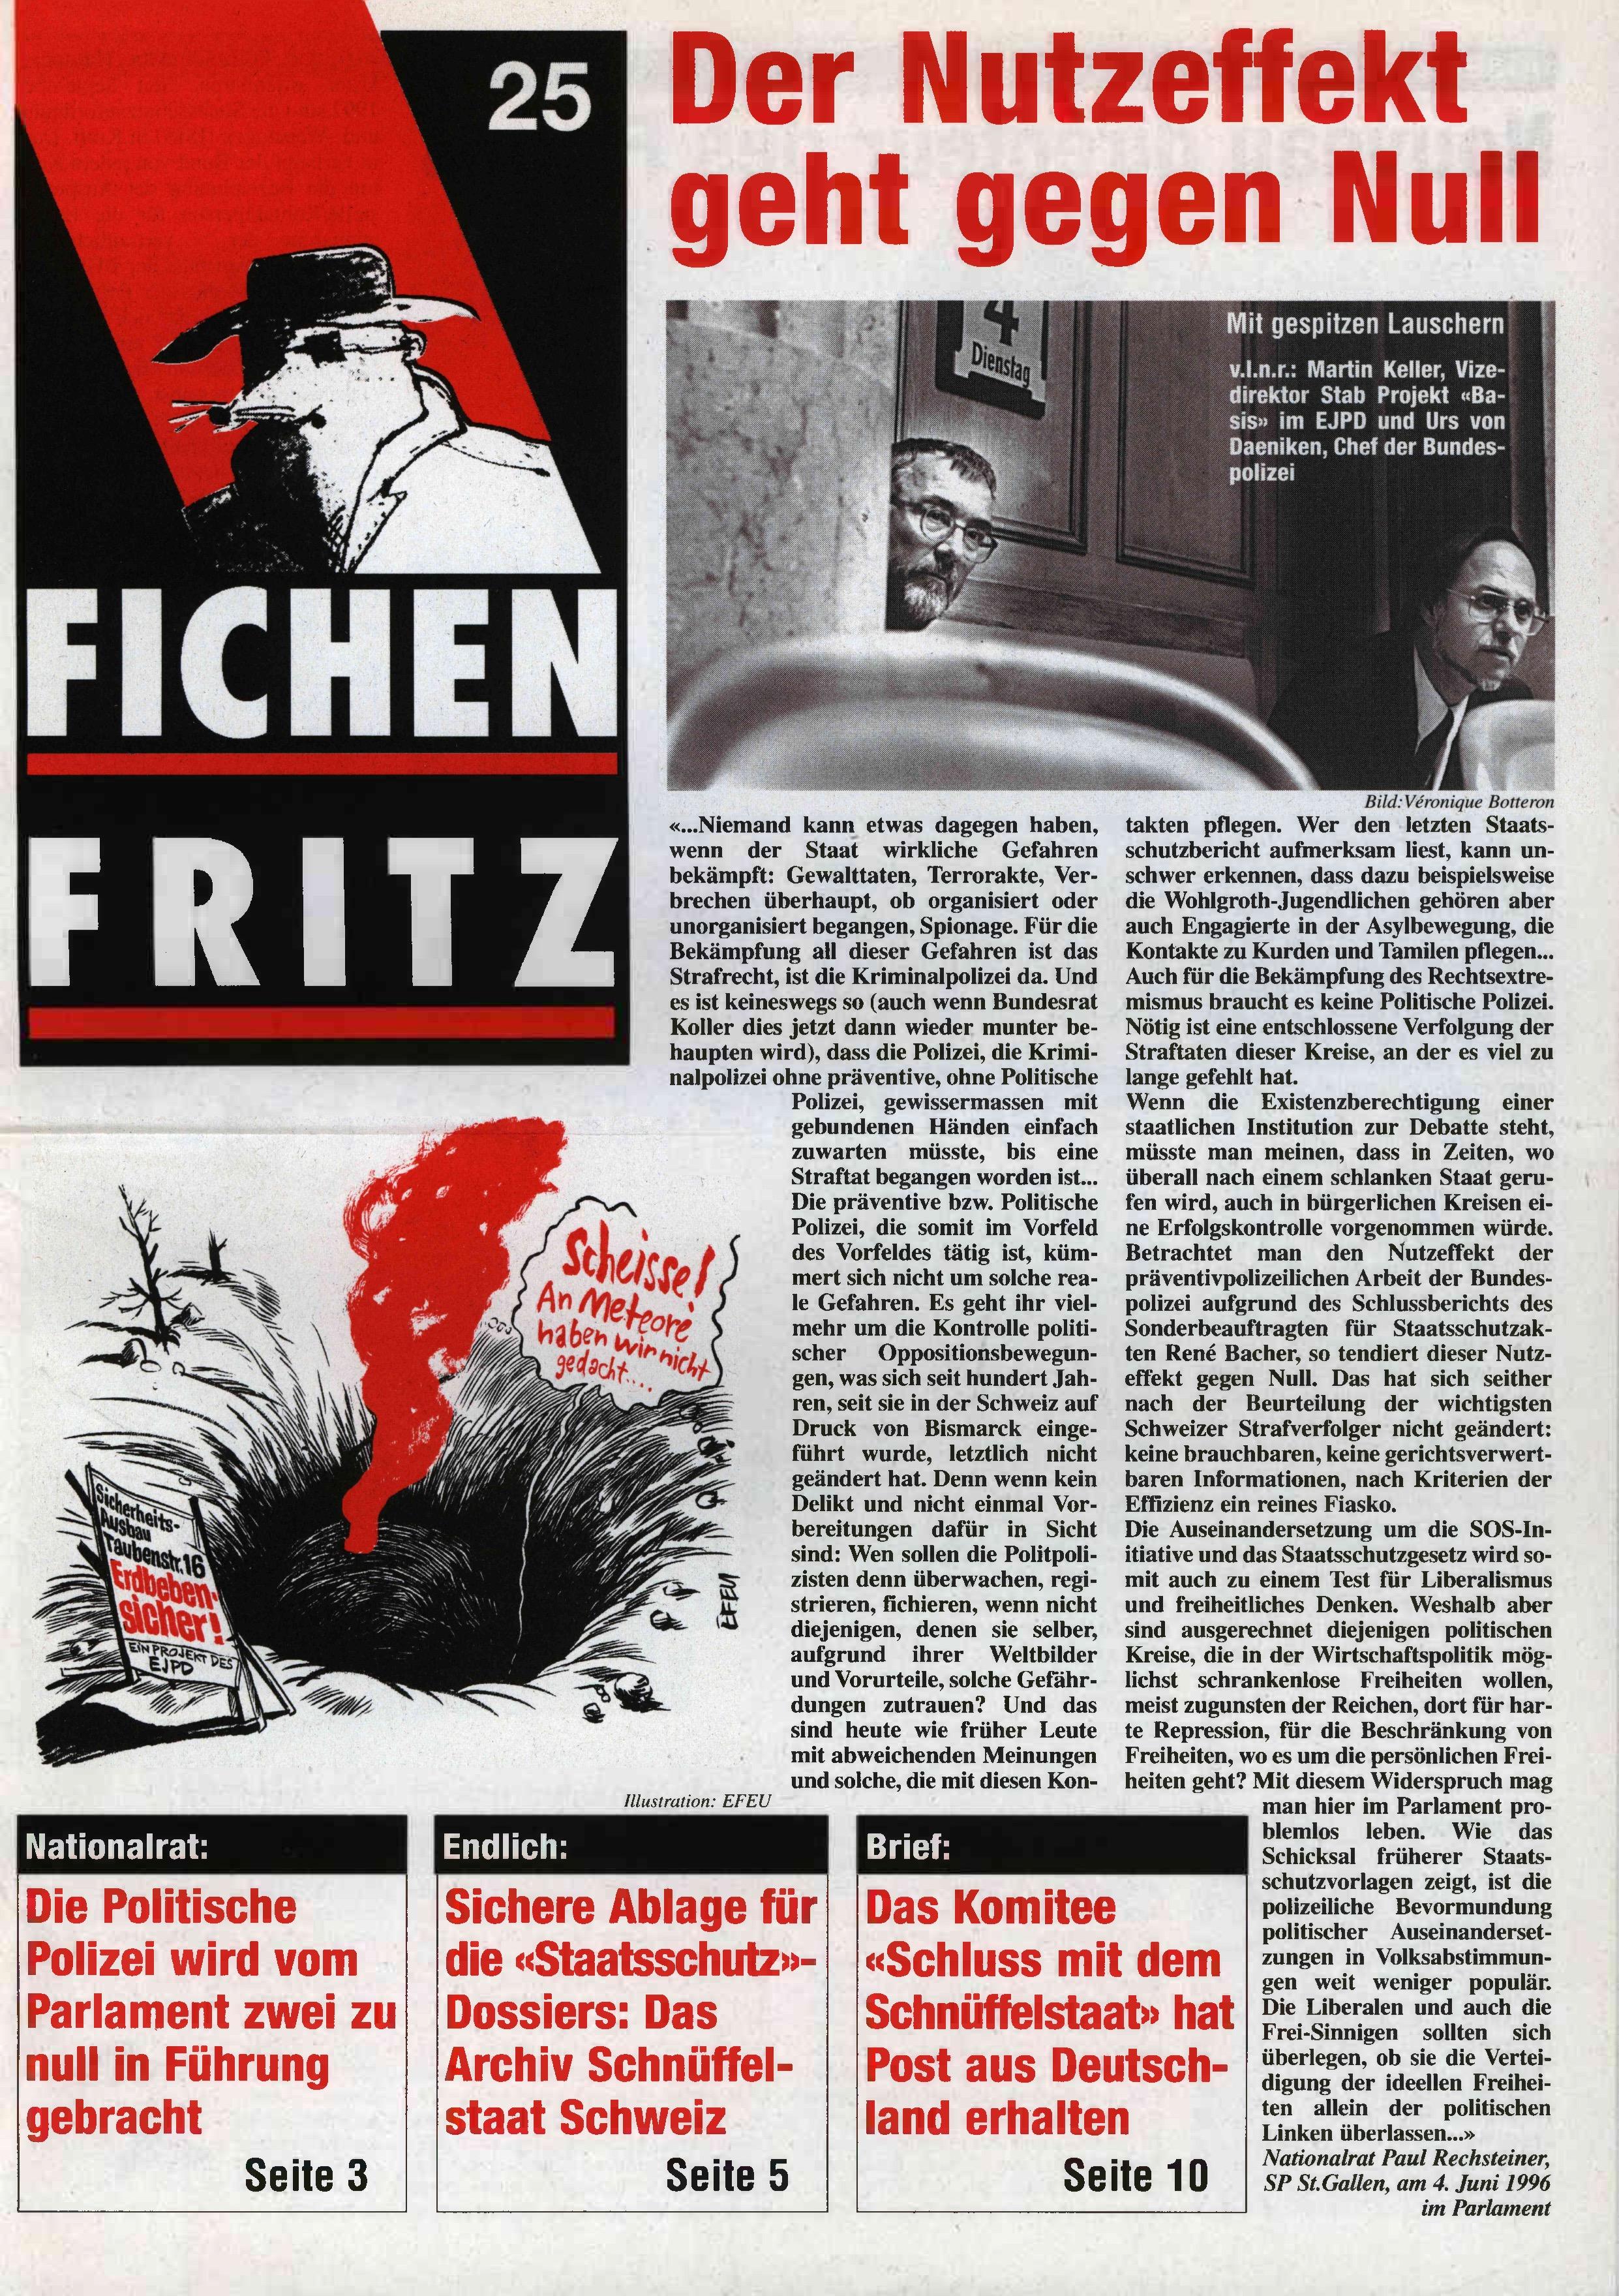 FICHEN FRITZ NR. 25 - SEITE 1